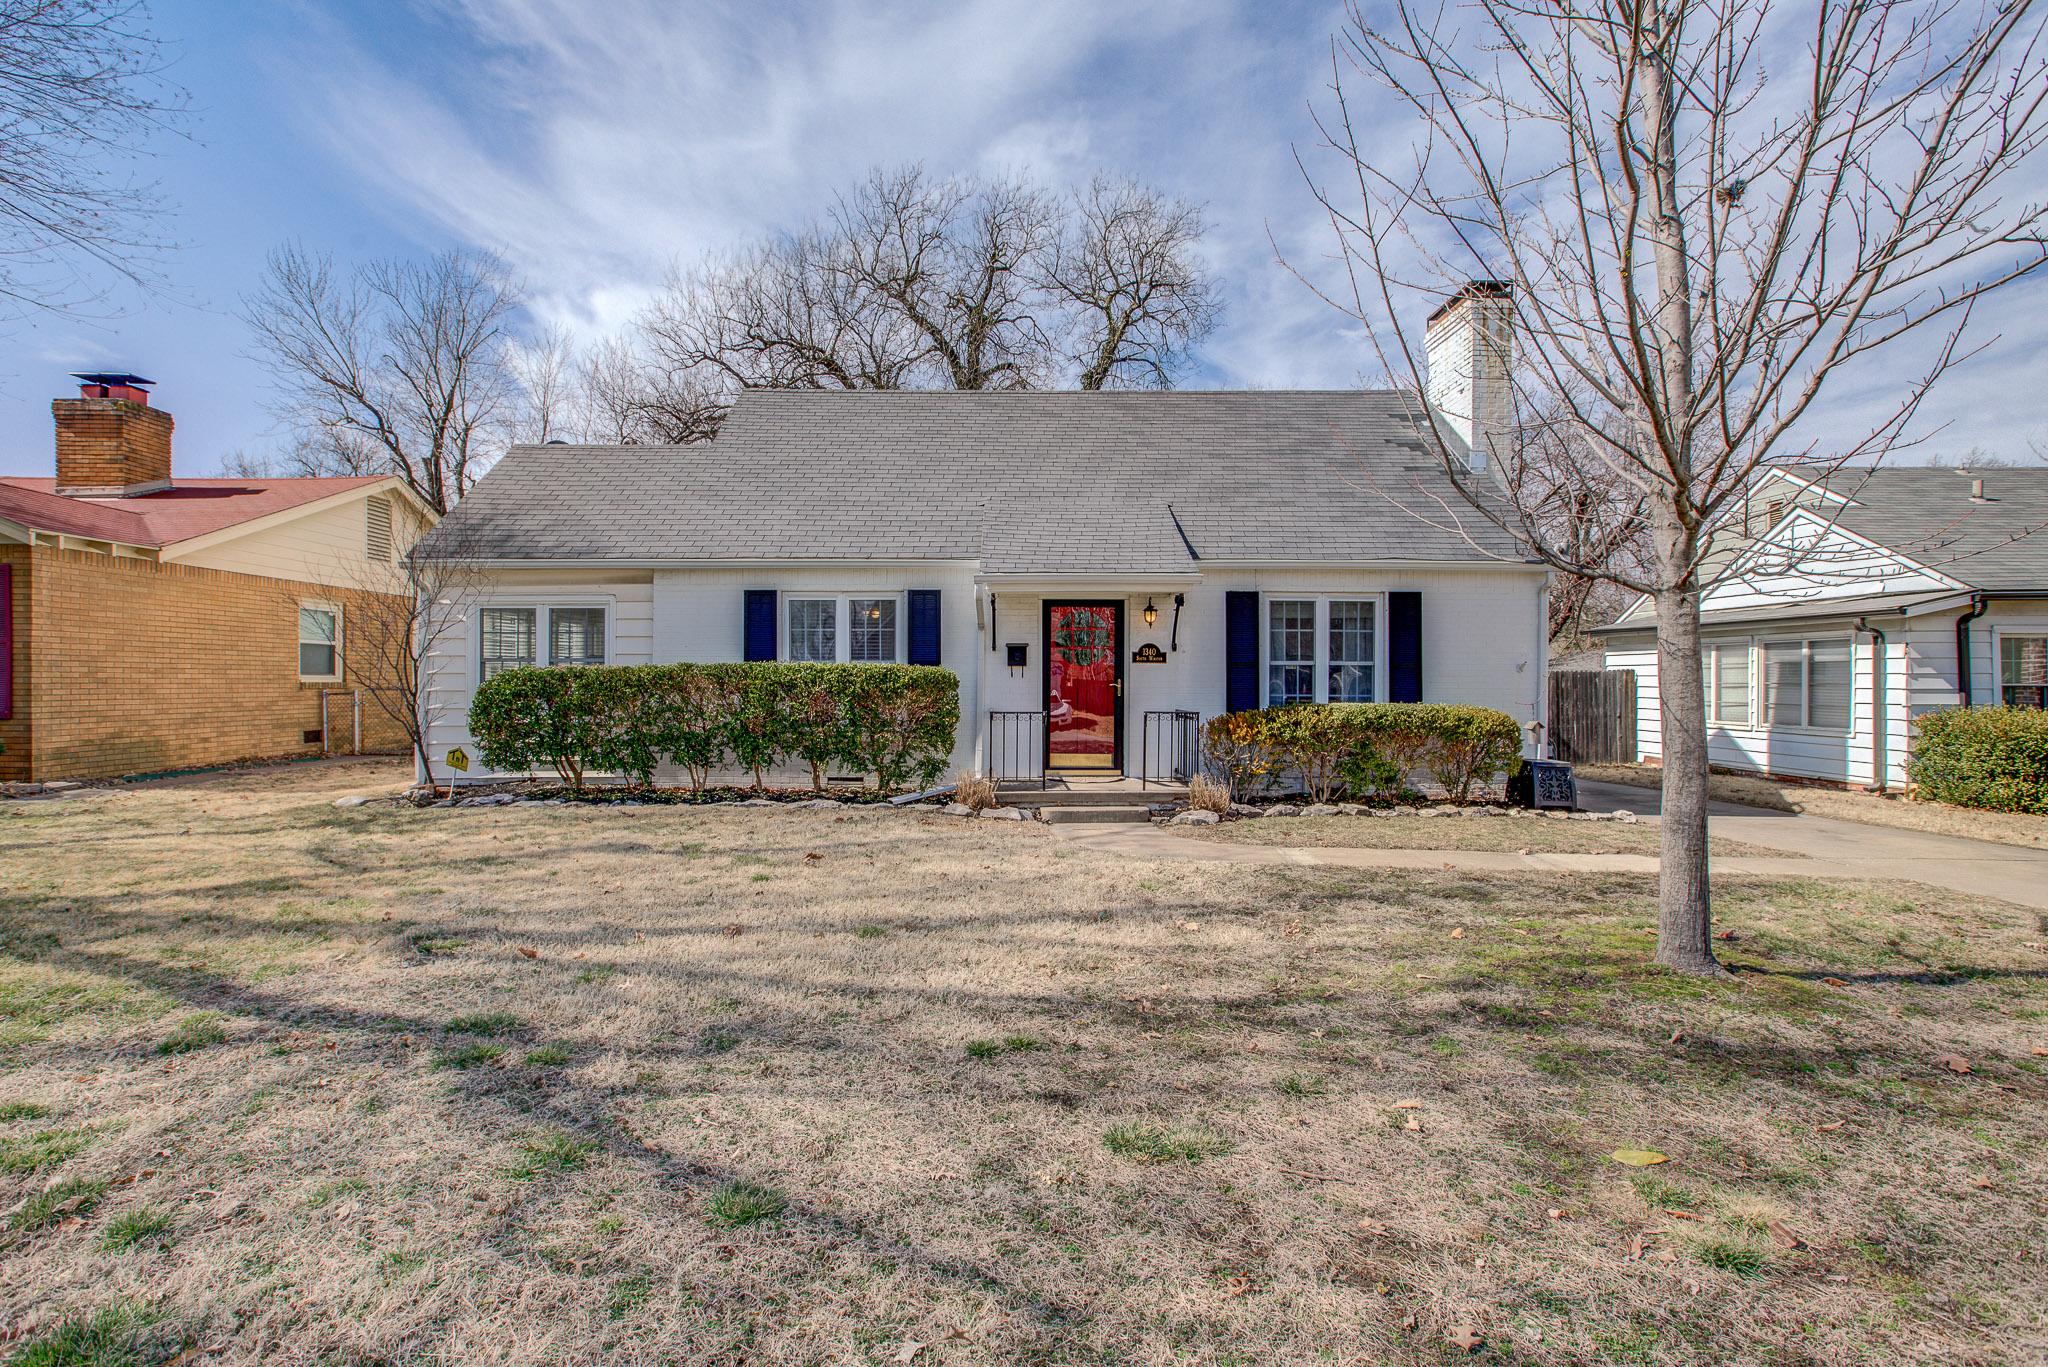 1340 S Winston Ave - Tulsa, OK - $167,000 - SOLD